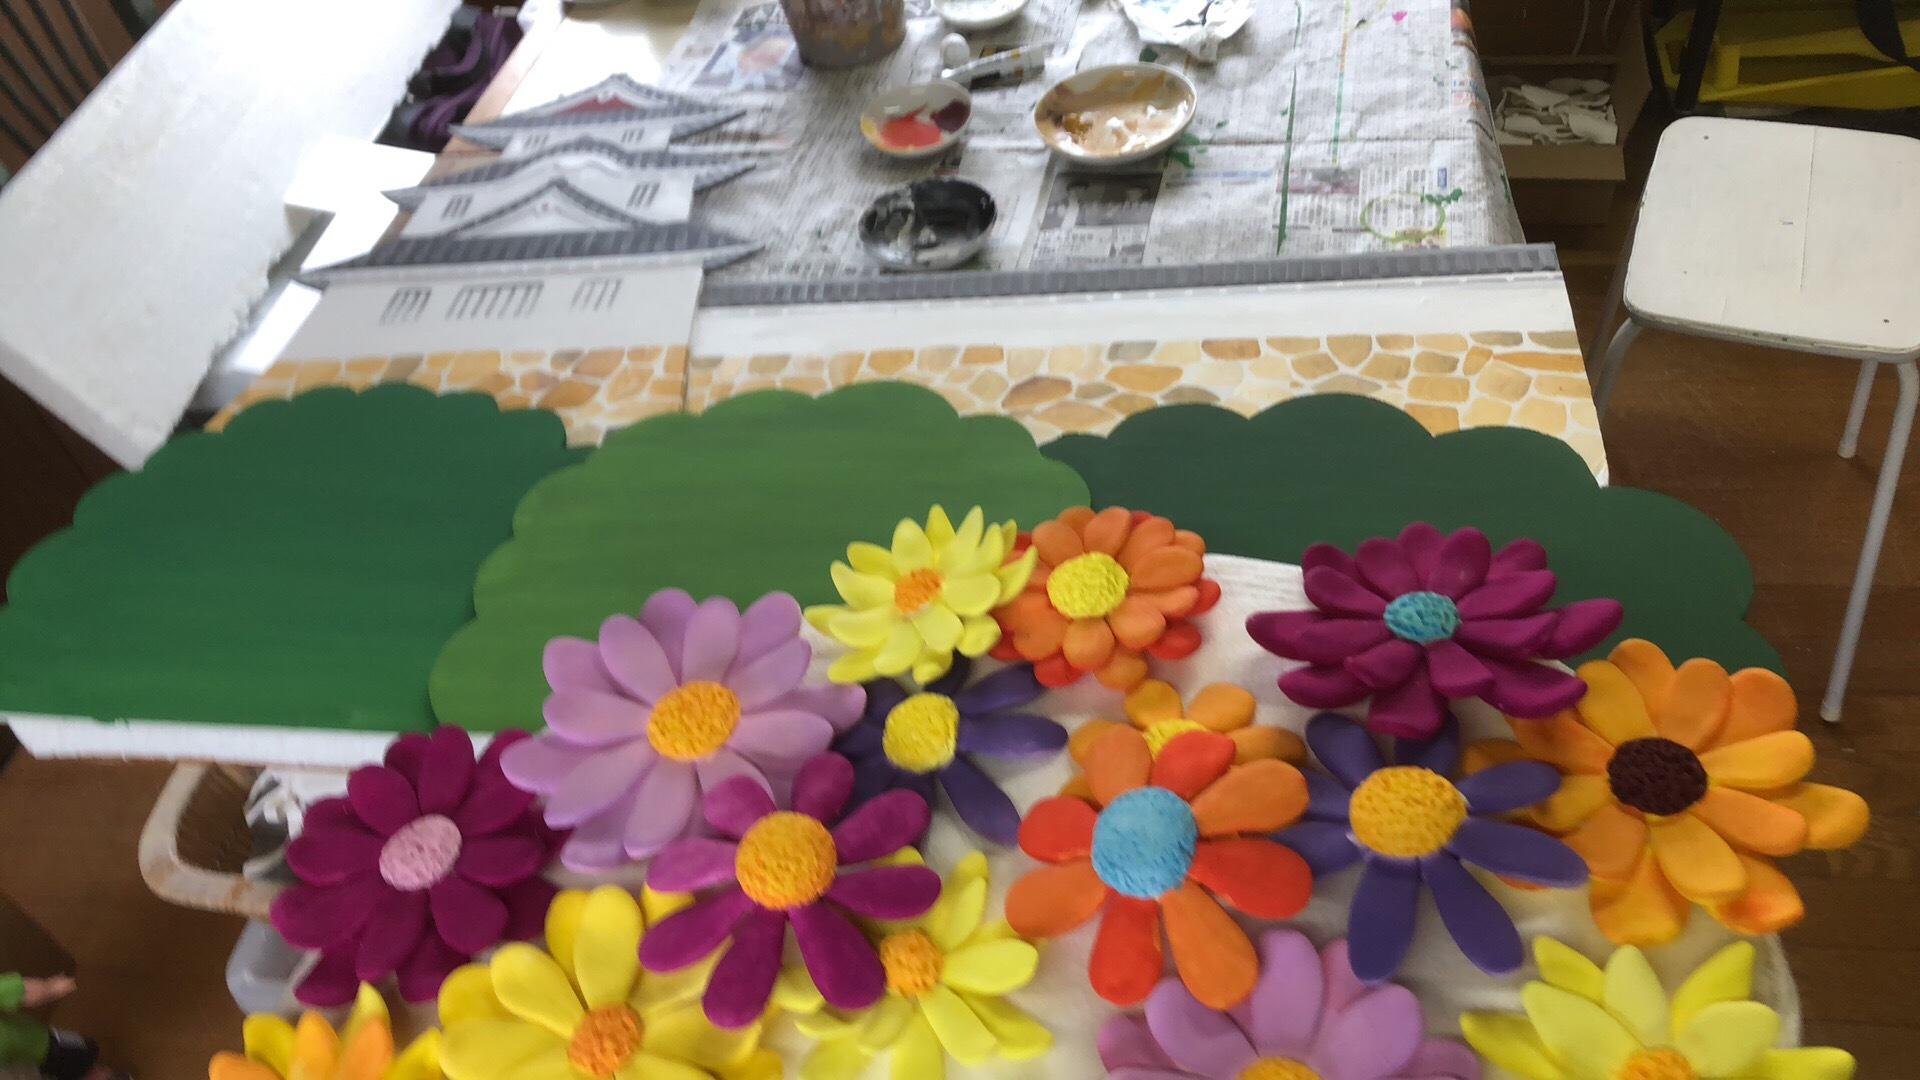 粘土作品制作過程 「明石城と菊の花」_f0395434_00554440.jpg